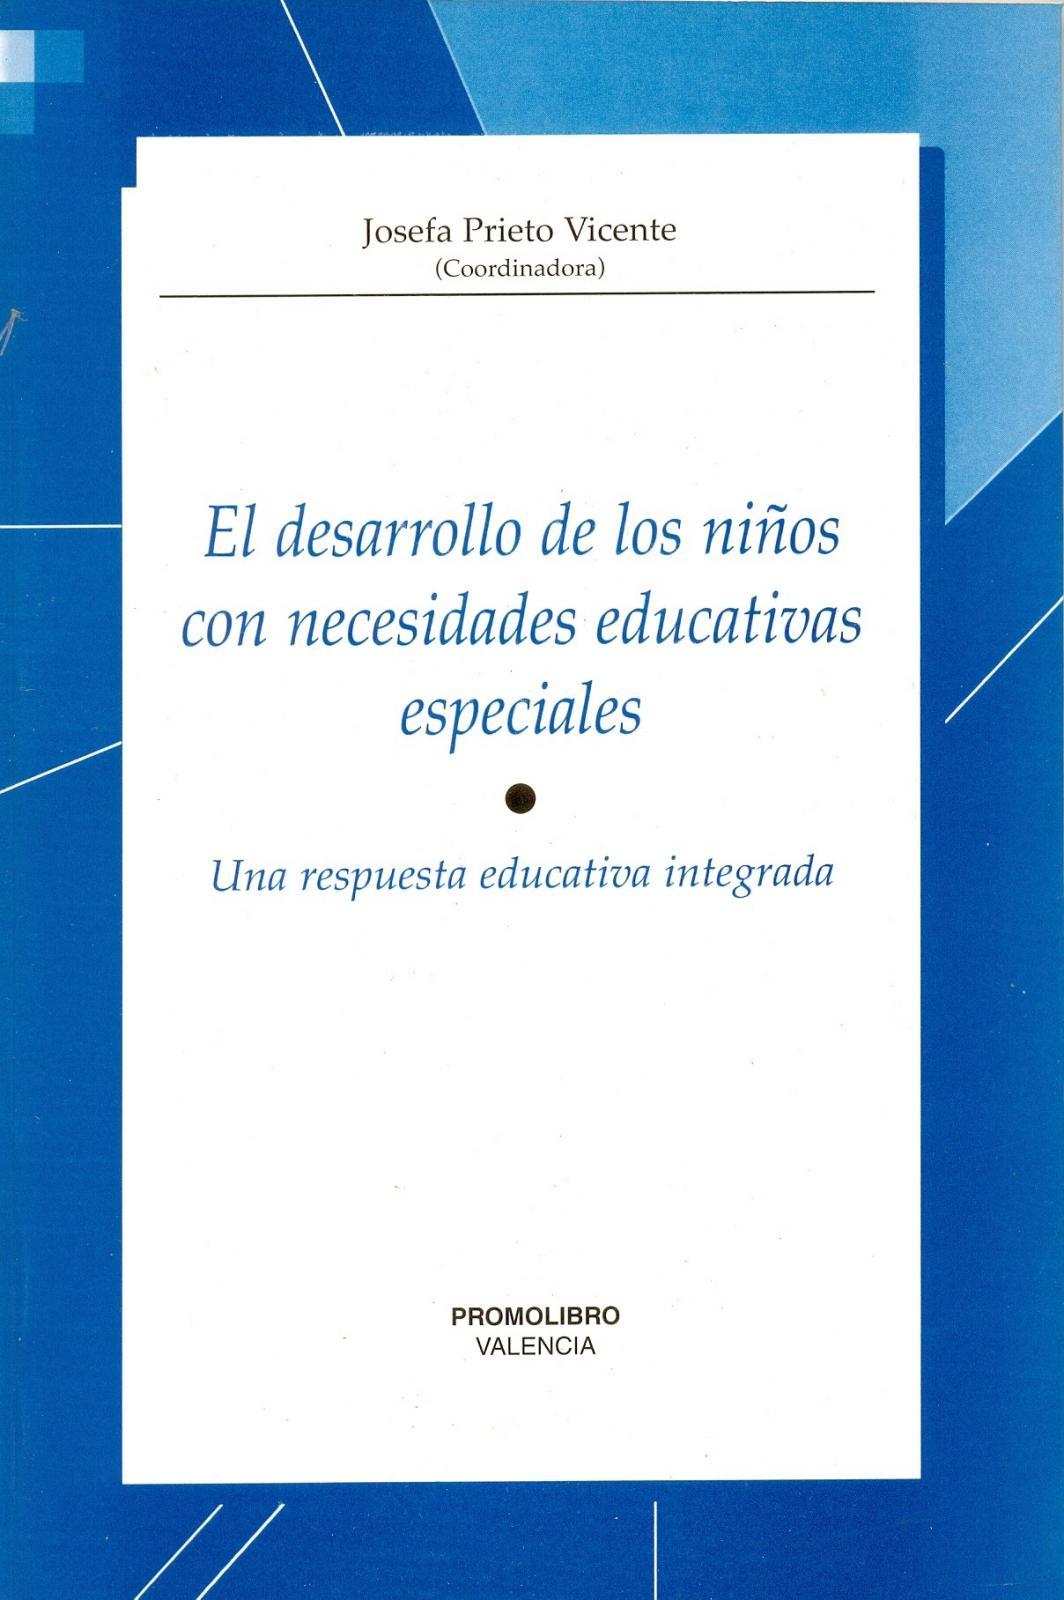 EL DESARROLLO DE LOS NIÑOS CON NECESIDADES EDUCATIVAS ESPECIALES